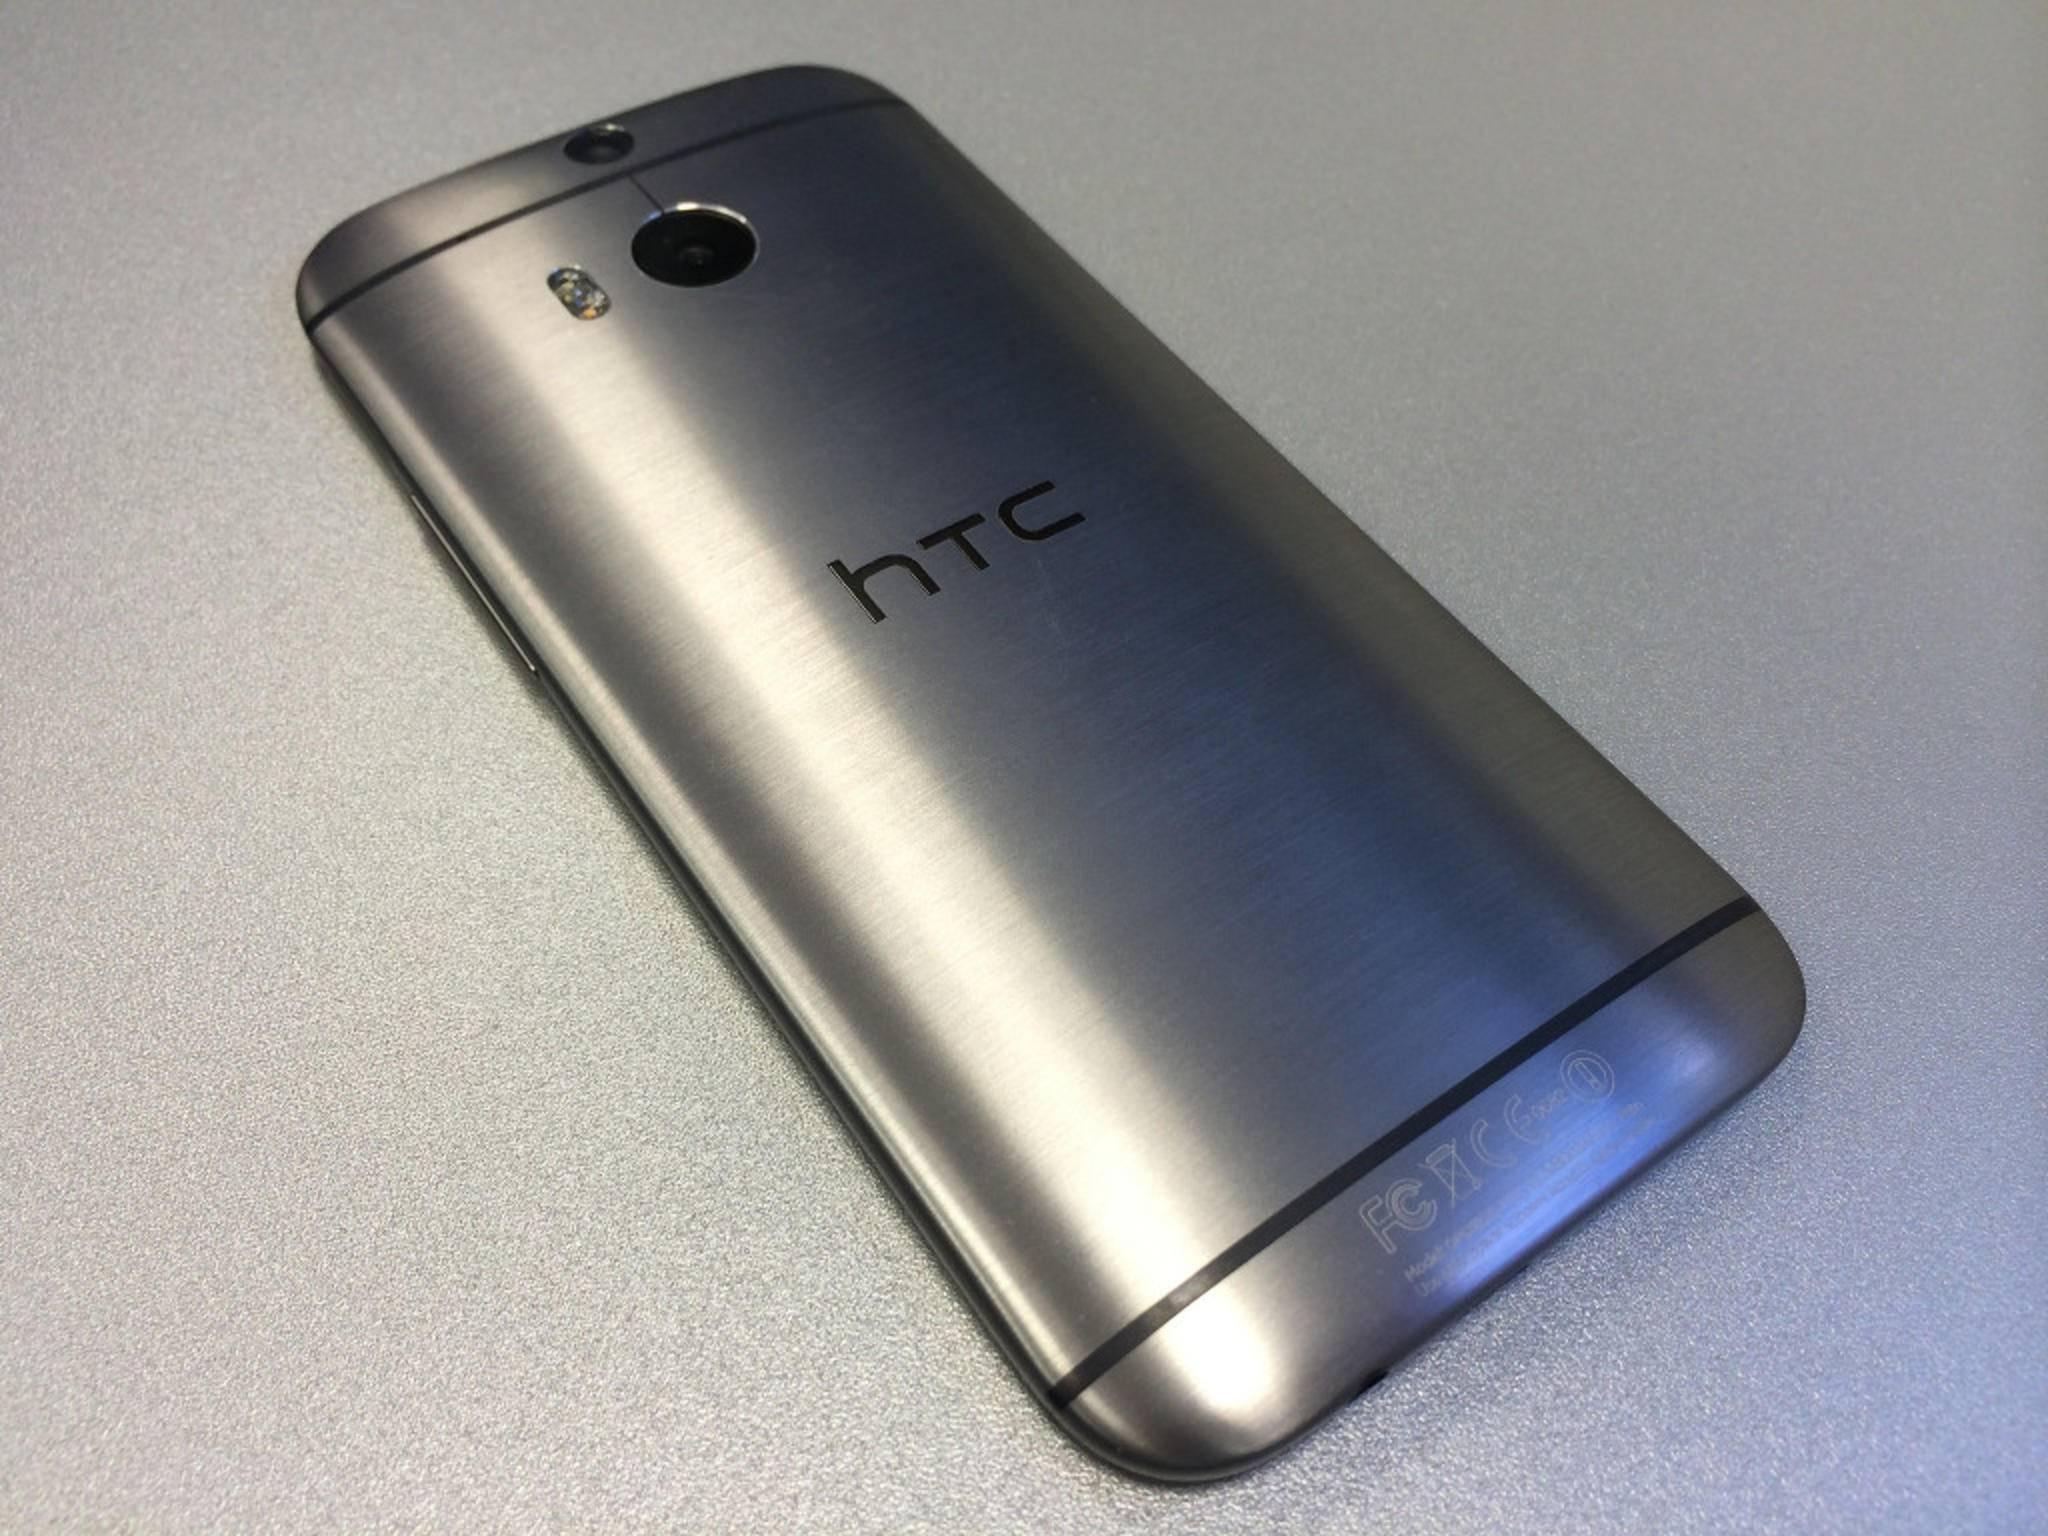 Mit seinem einteiligen Aluminiumgehäuse liegt das HTC One M8 hervorragend in der Hand.